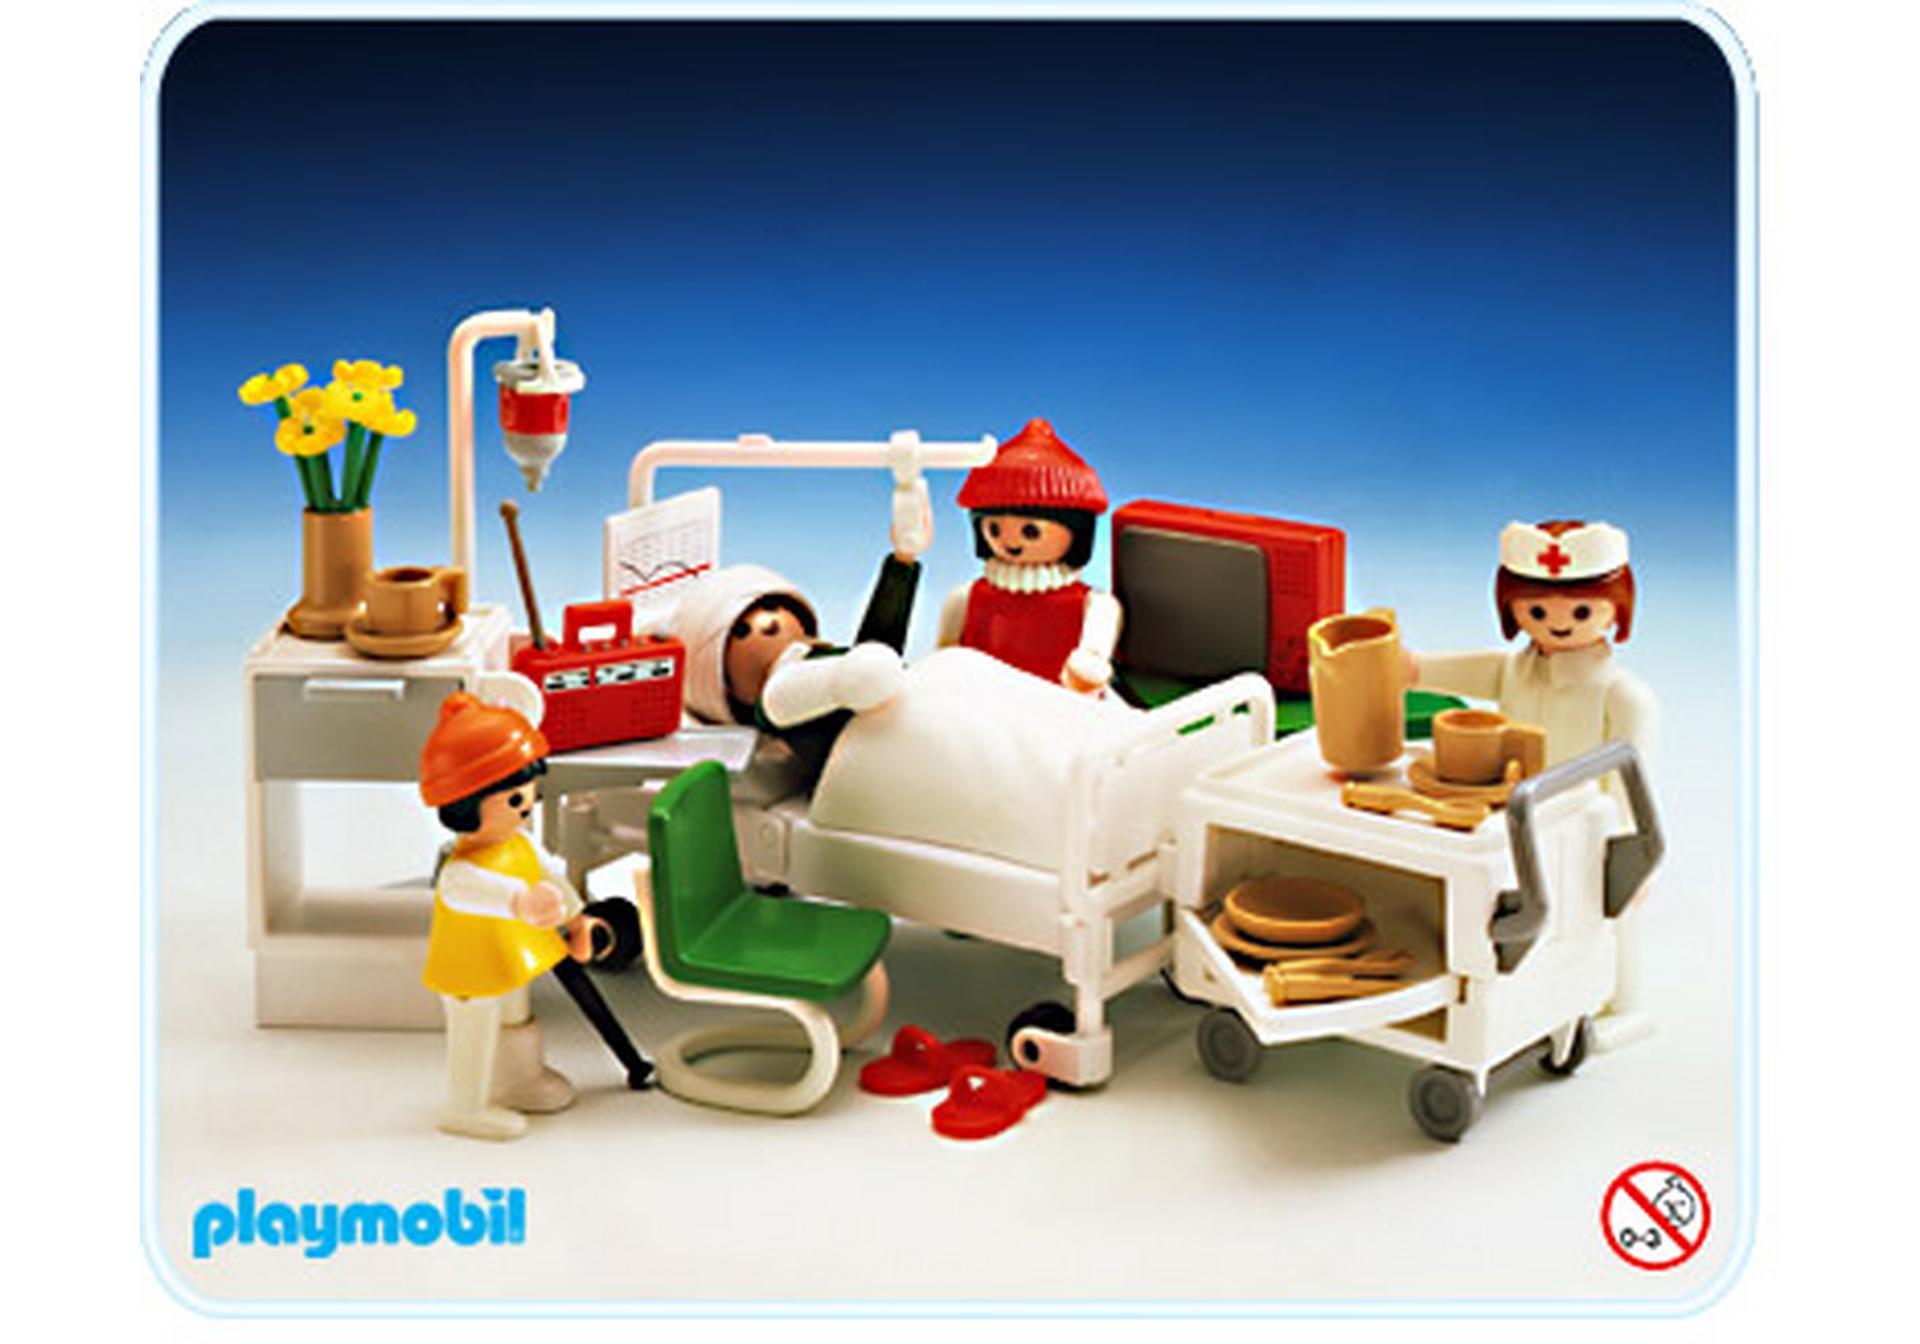 Krankenzimmer 3495 a playmobil deutschland for Jugendzimmer playmobil